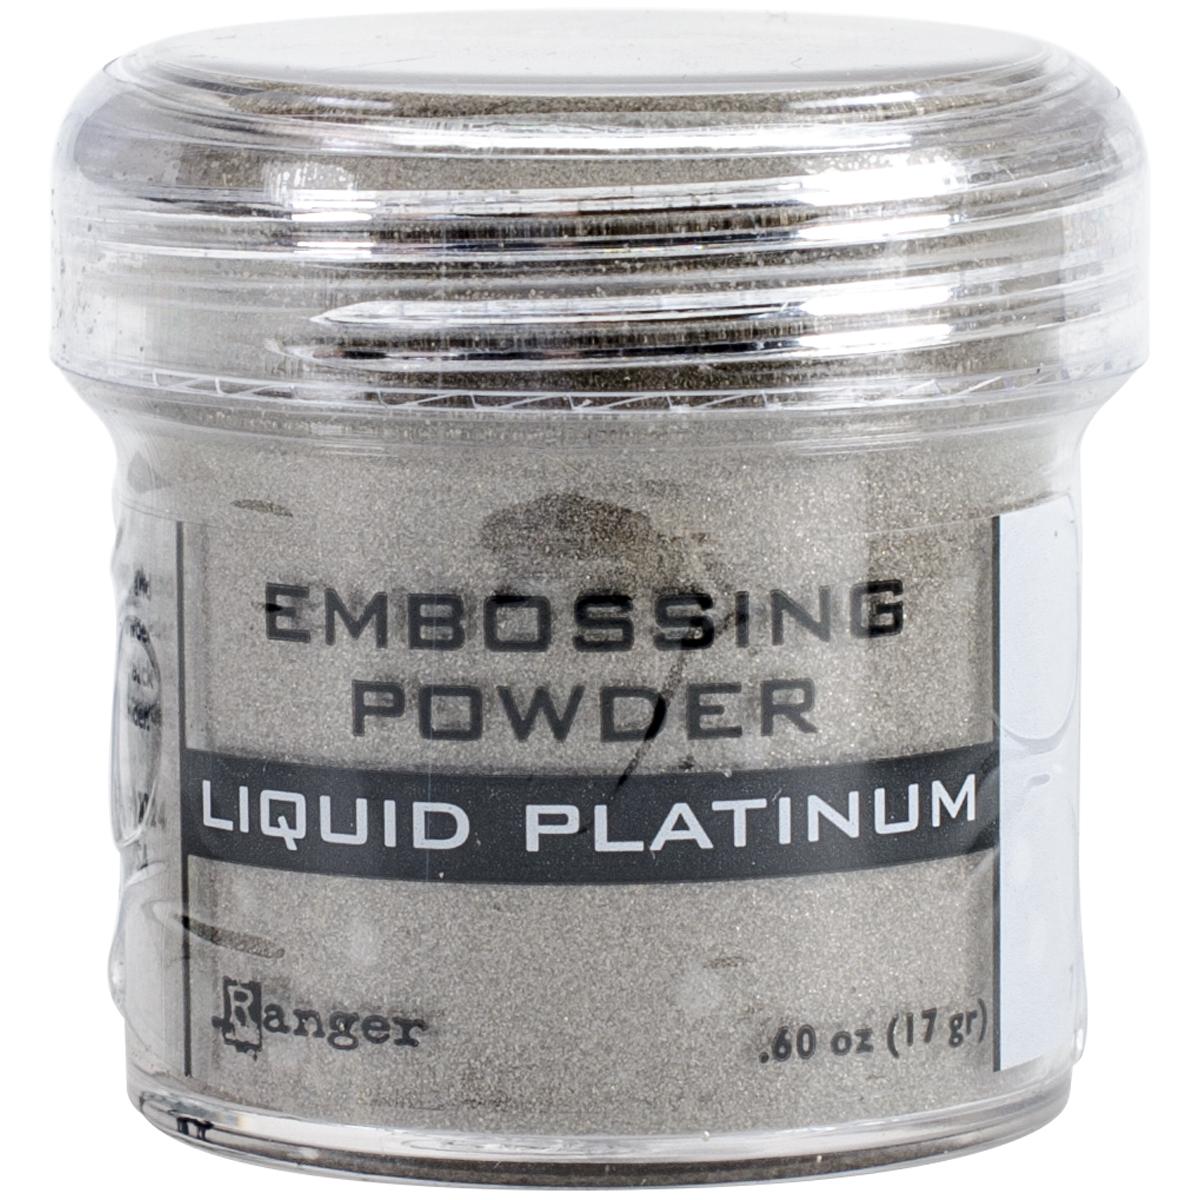 EMBOSSING POWDER - LIQUID PLATINUM